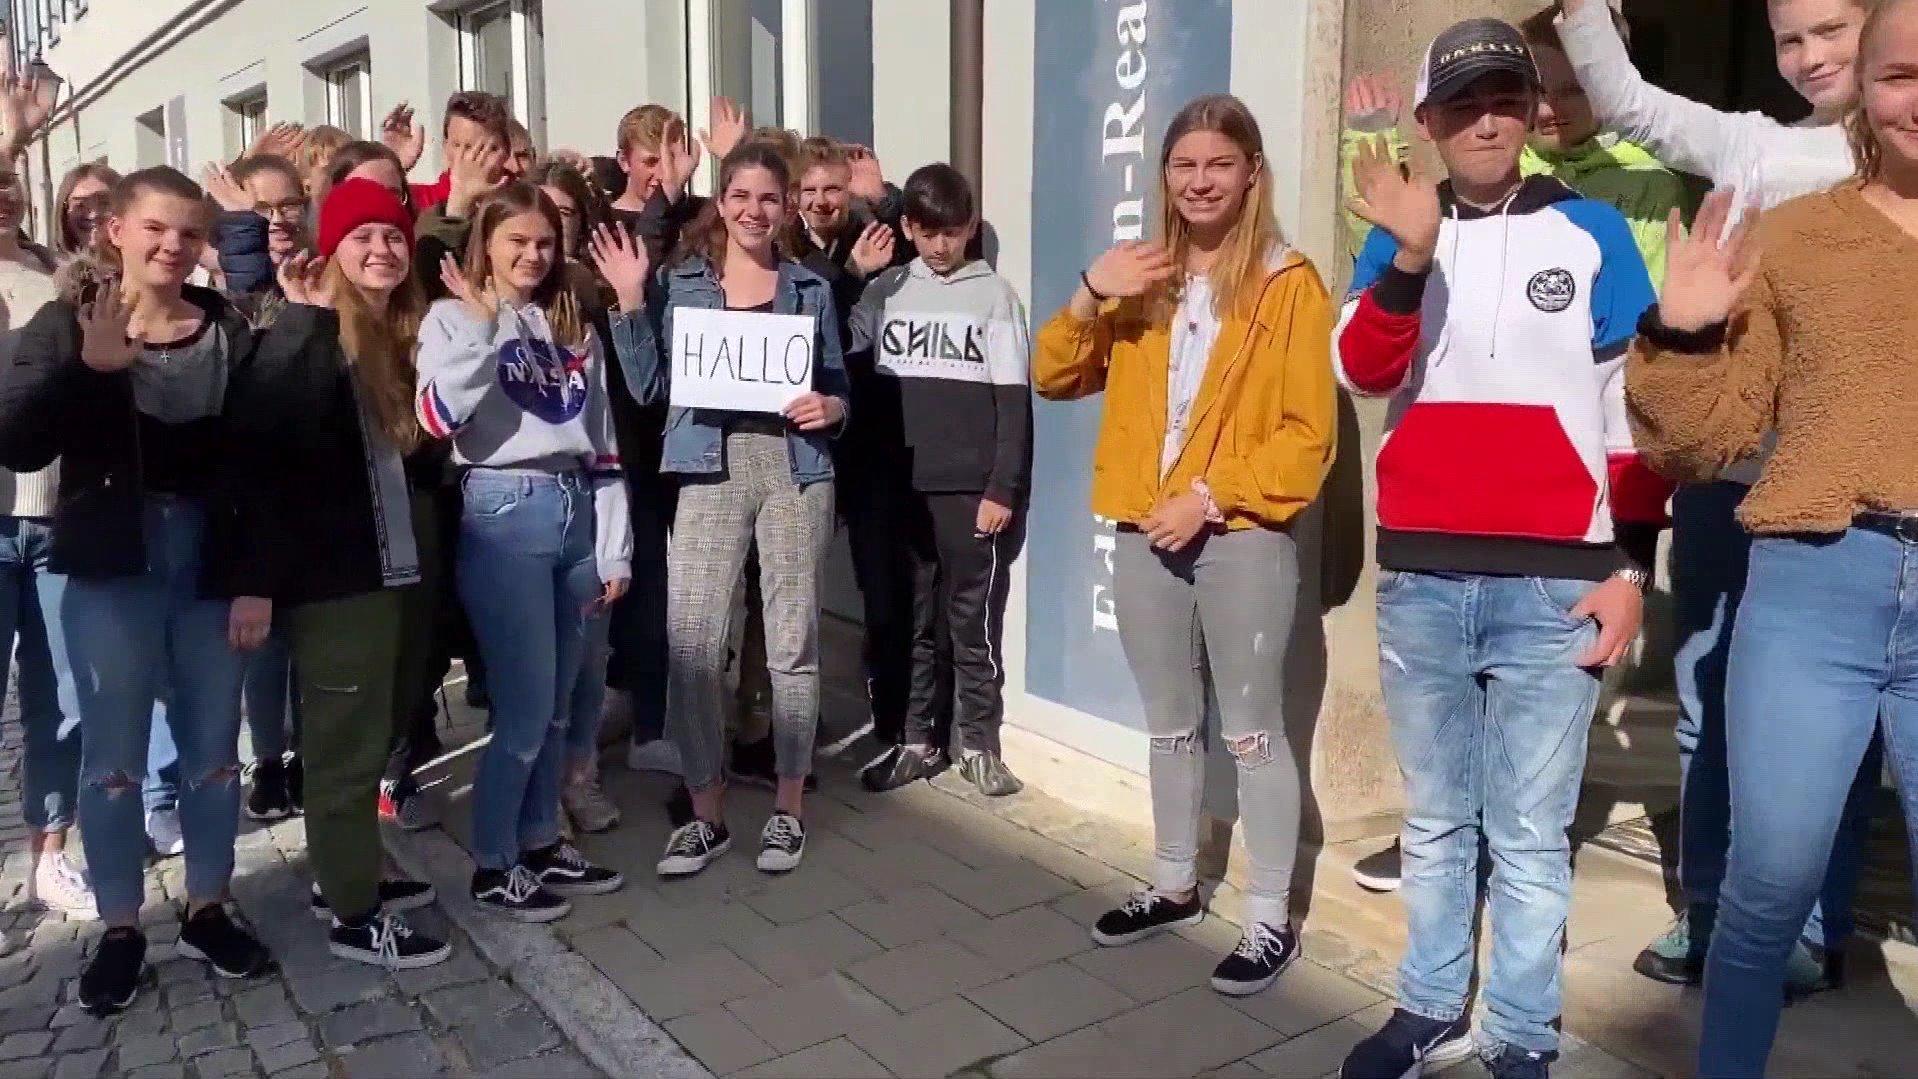 Edith-Stein-Realschule in Schillingsfürst: Schüler suchen mit Youtube-Video nach neuem Direktor - RTL Online